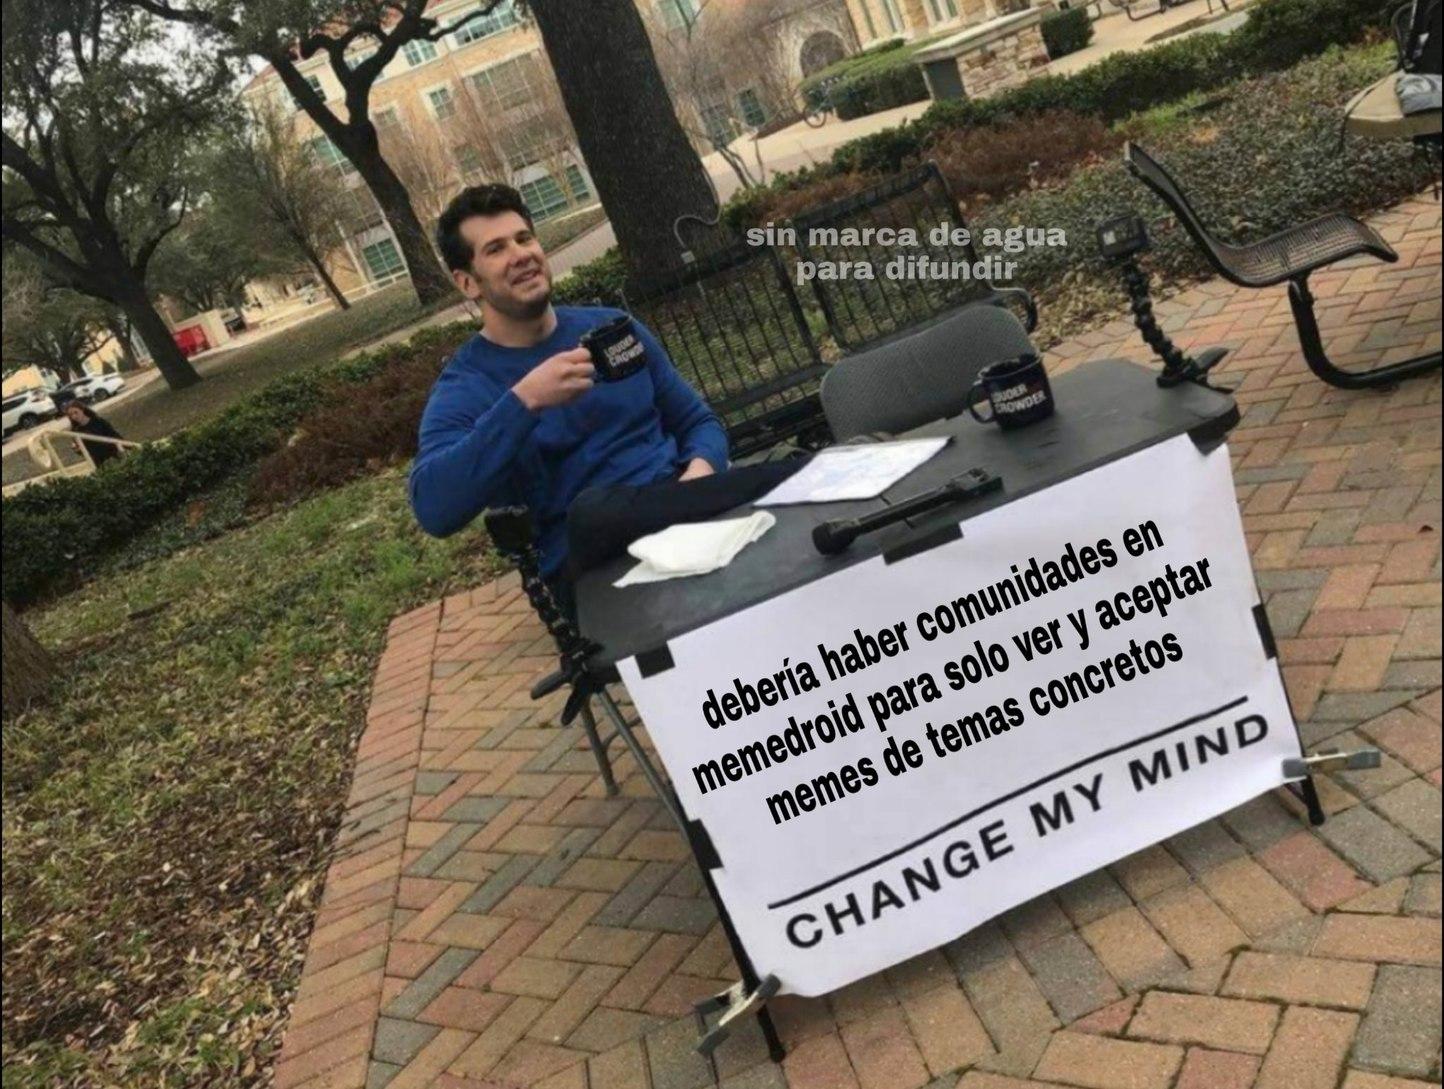 Hay que difundirlo aunque novagecko no haga caso - meme